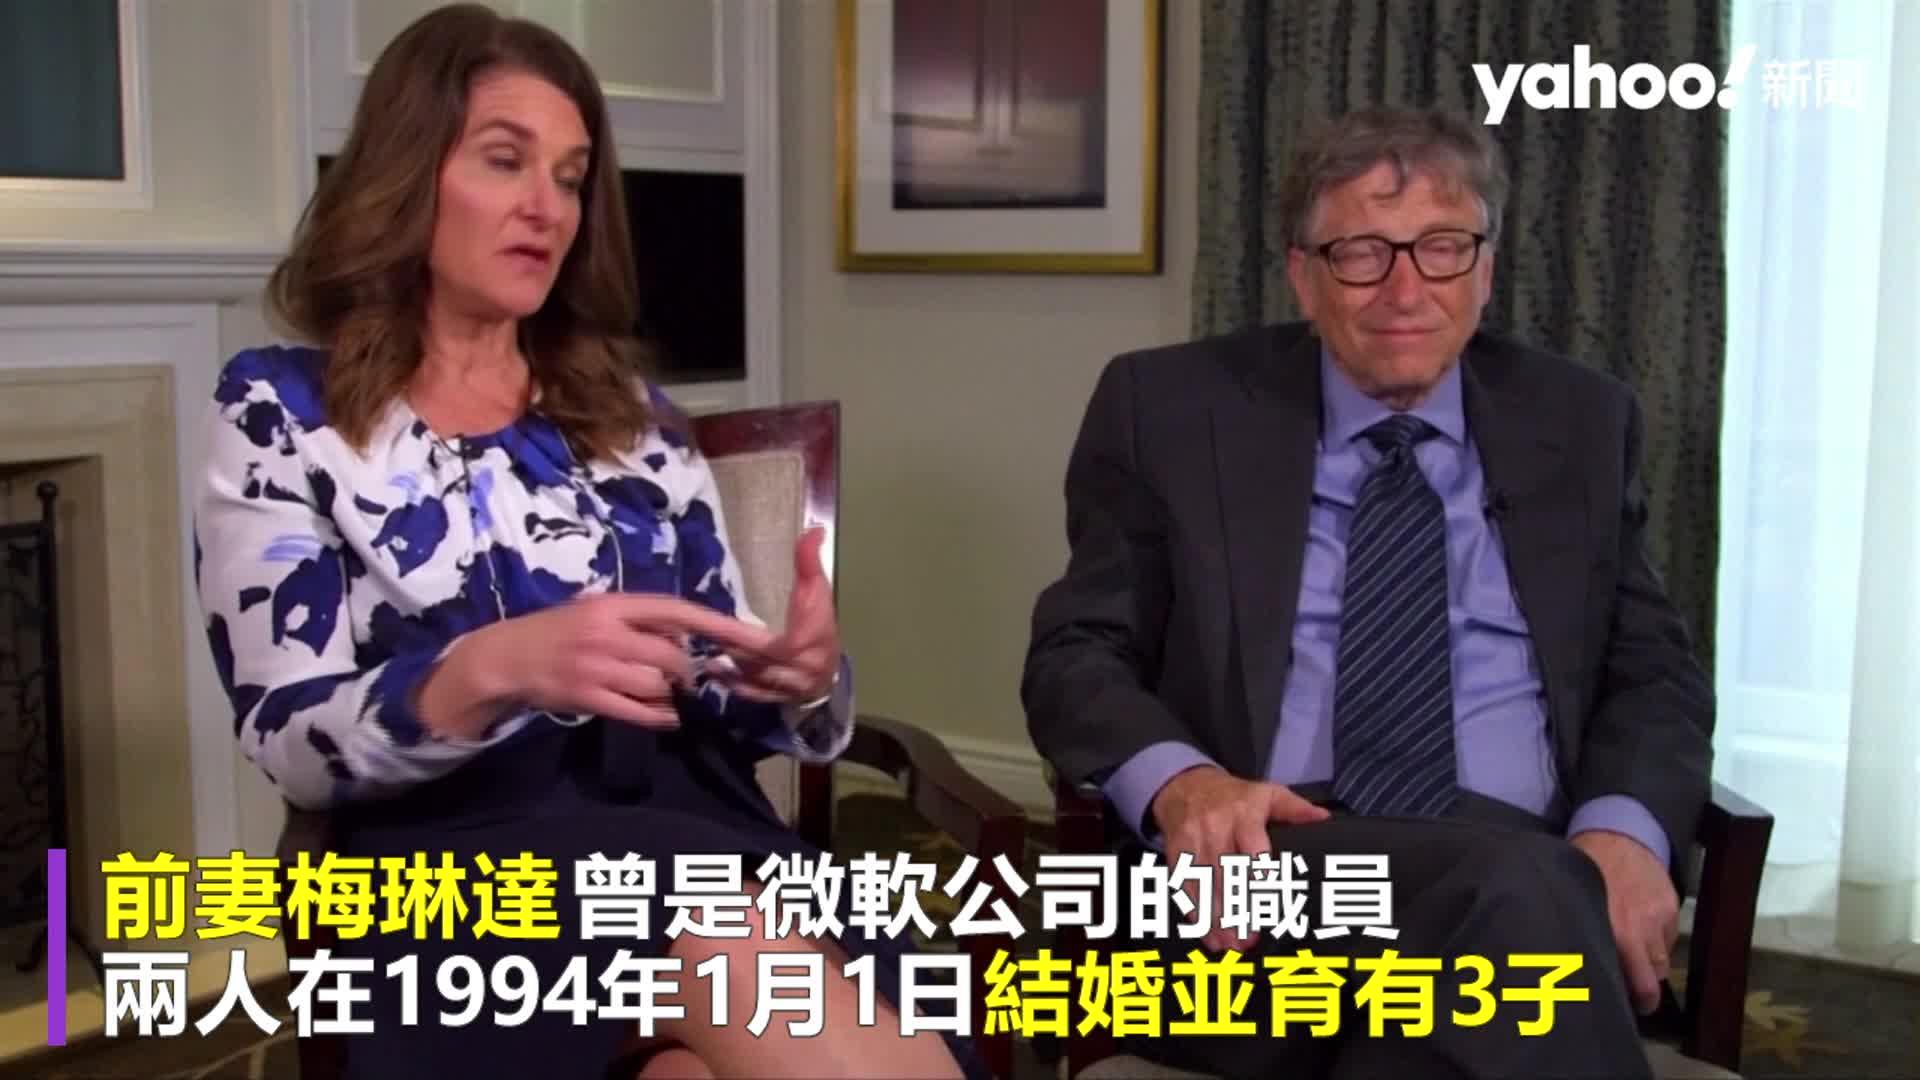 比爾蓋茲與妻子梅琳達宣布離婚 共同財富估3.6兆 財產分割受矚